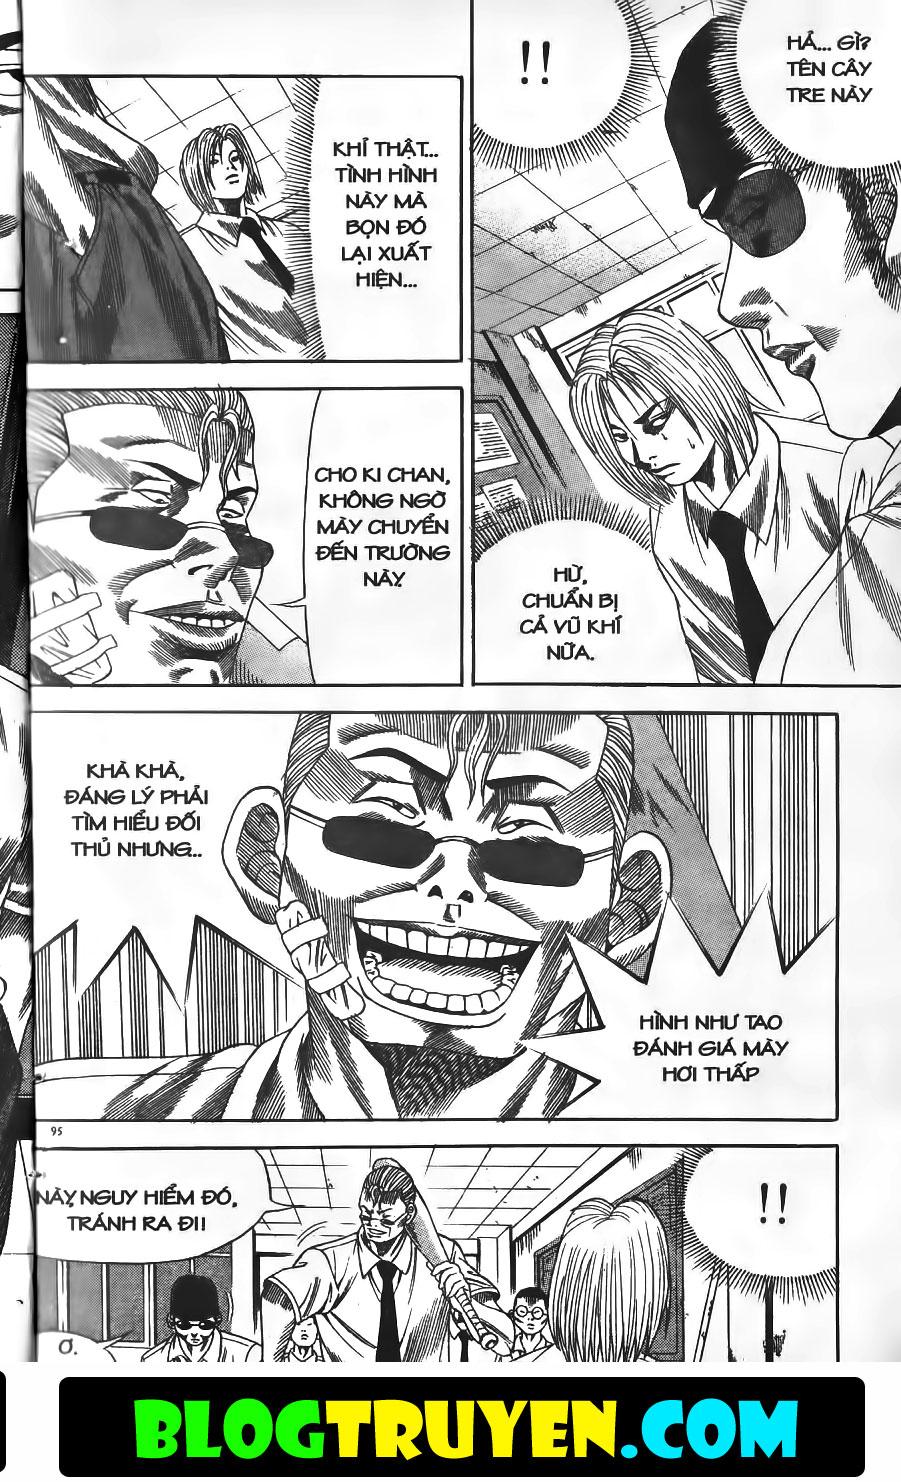 Bitagi - Anh chàng ngổ ngáo chap 145 trang 10